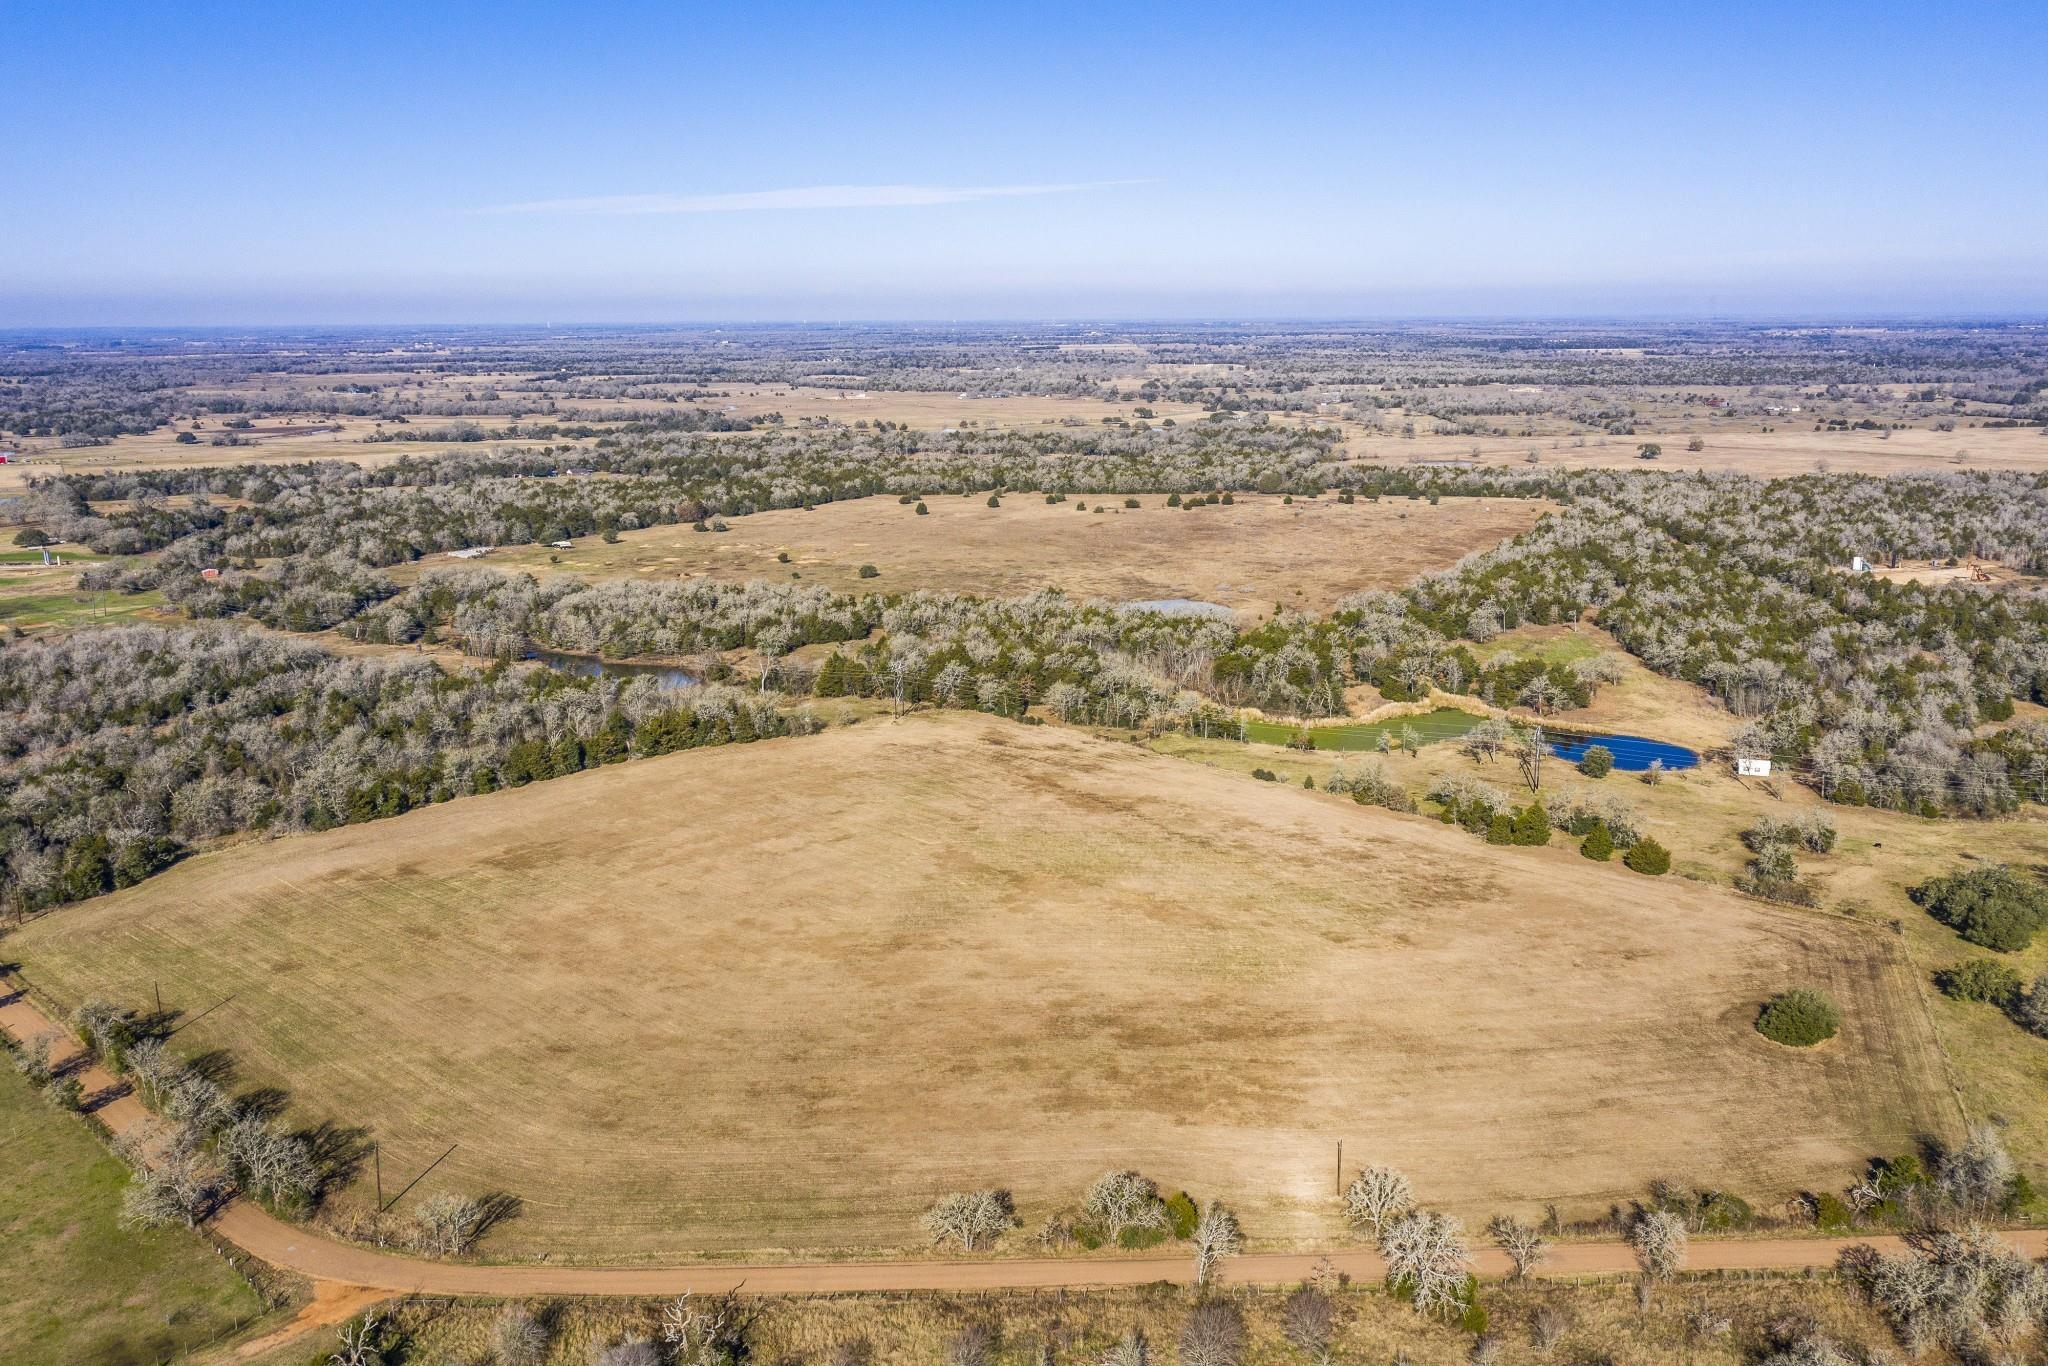 000 Lange Rd / FM 1291 Property Photo - Ledbetter, TX real estate listing